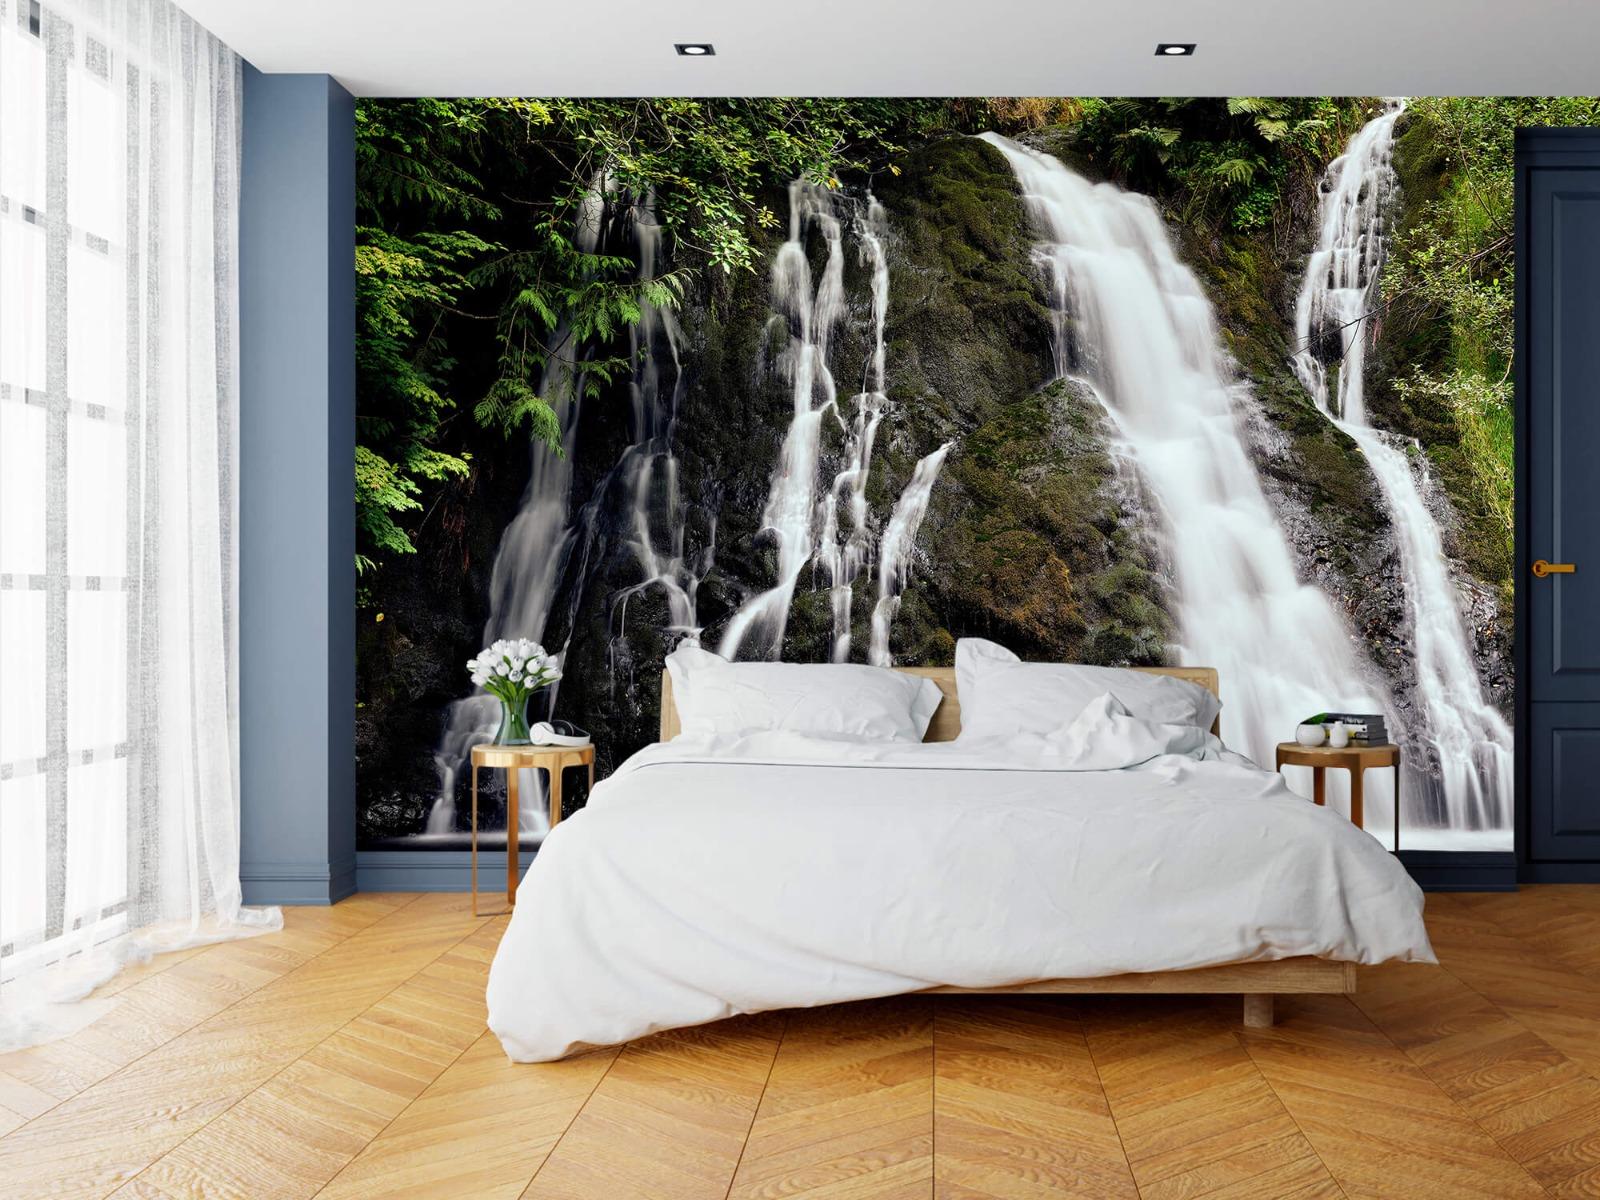 Watervallen - Waterval met 4 stromen - Wallexclusive - Slaapkamer 16